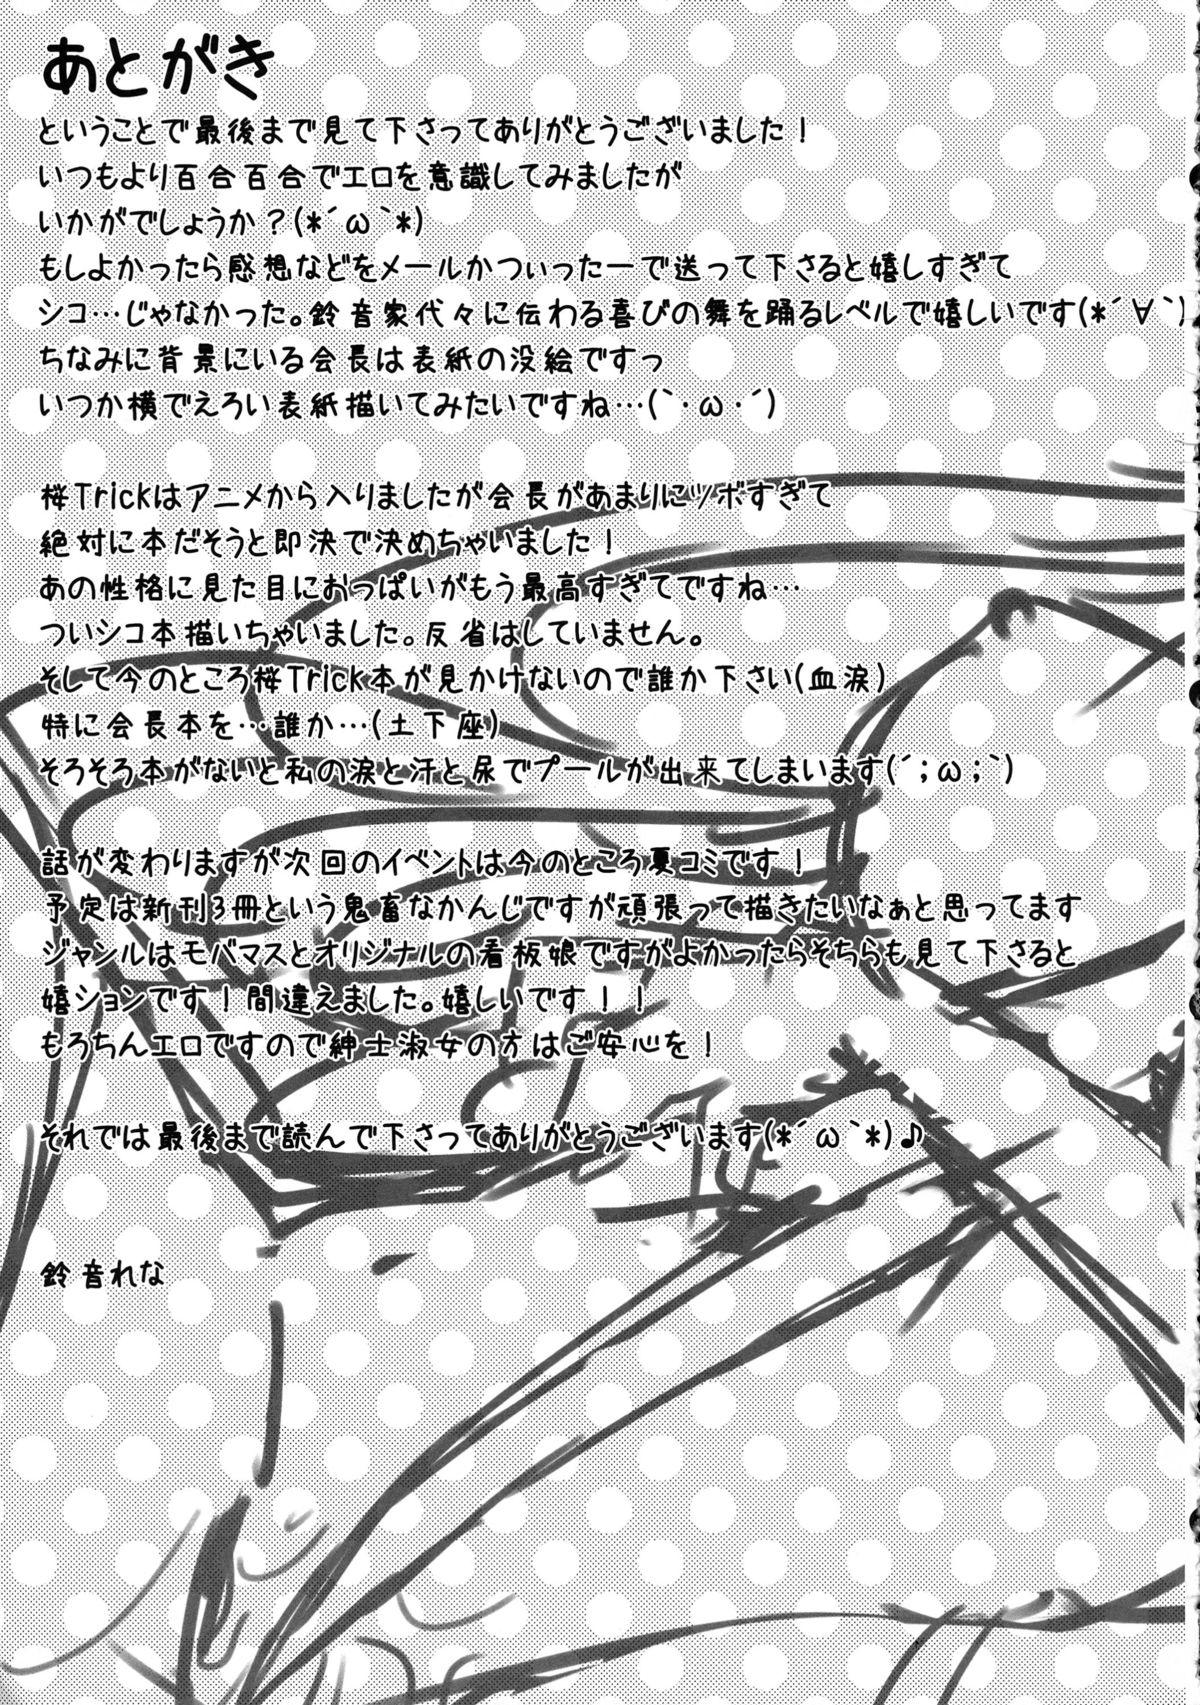 Hình ảnh HINH_00021 in Hentai Sakura Trick Haruka To Mitsuki